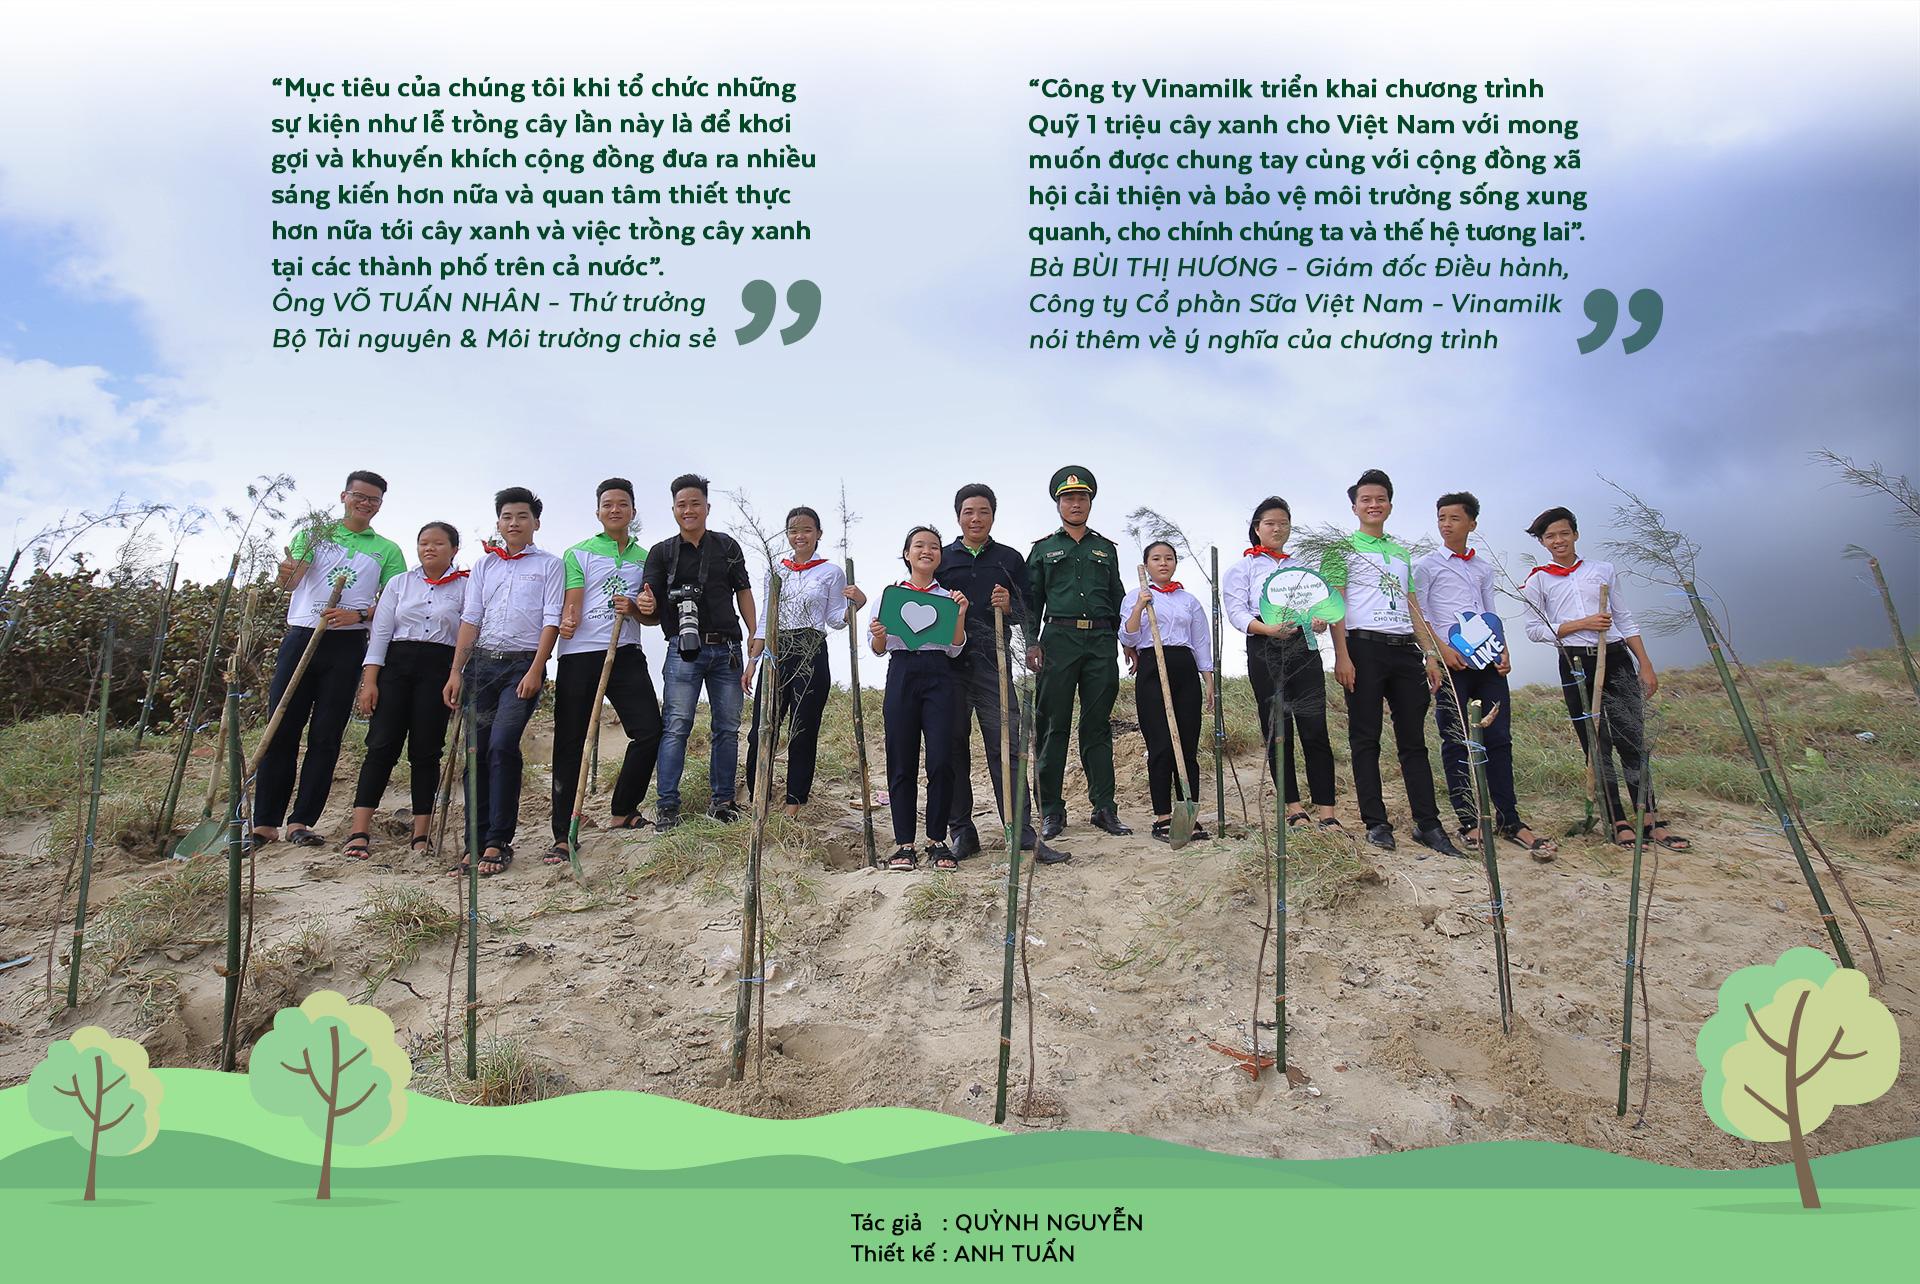 Triệu cây vươn cao - Hành trình xanh khởi đầu tương lai xanh - Ảnh 15.